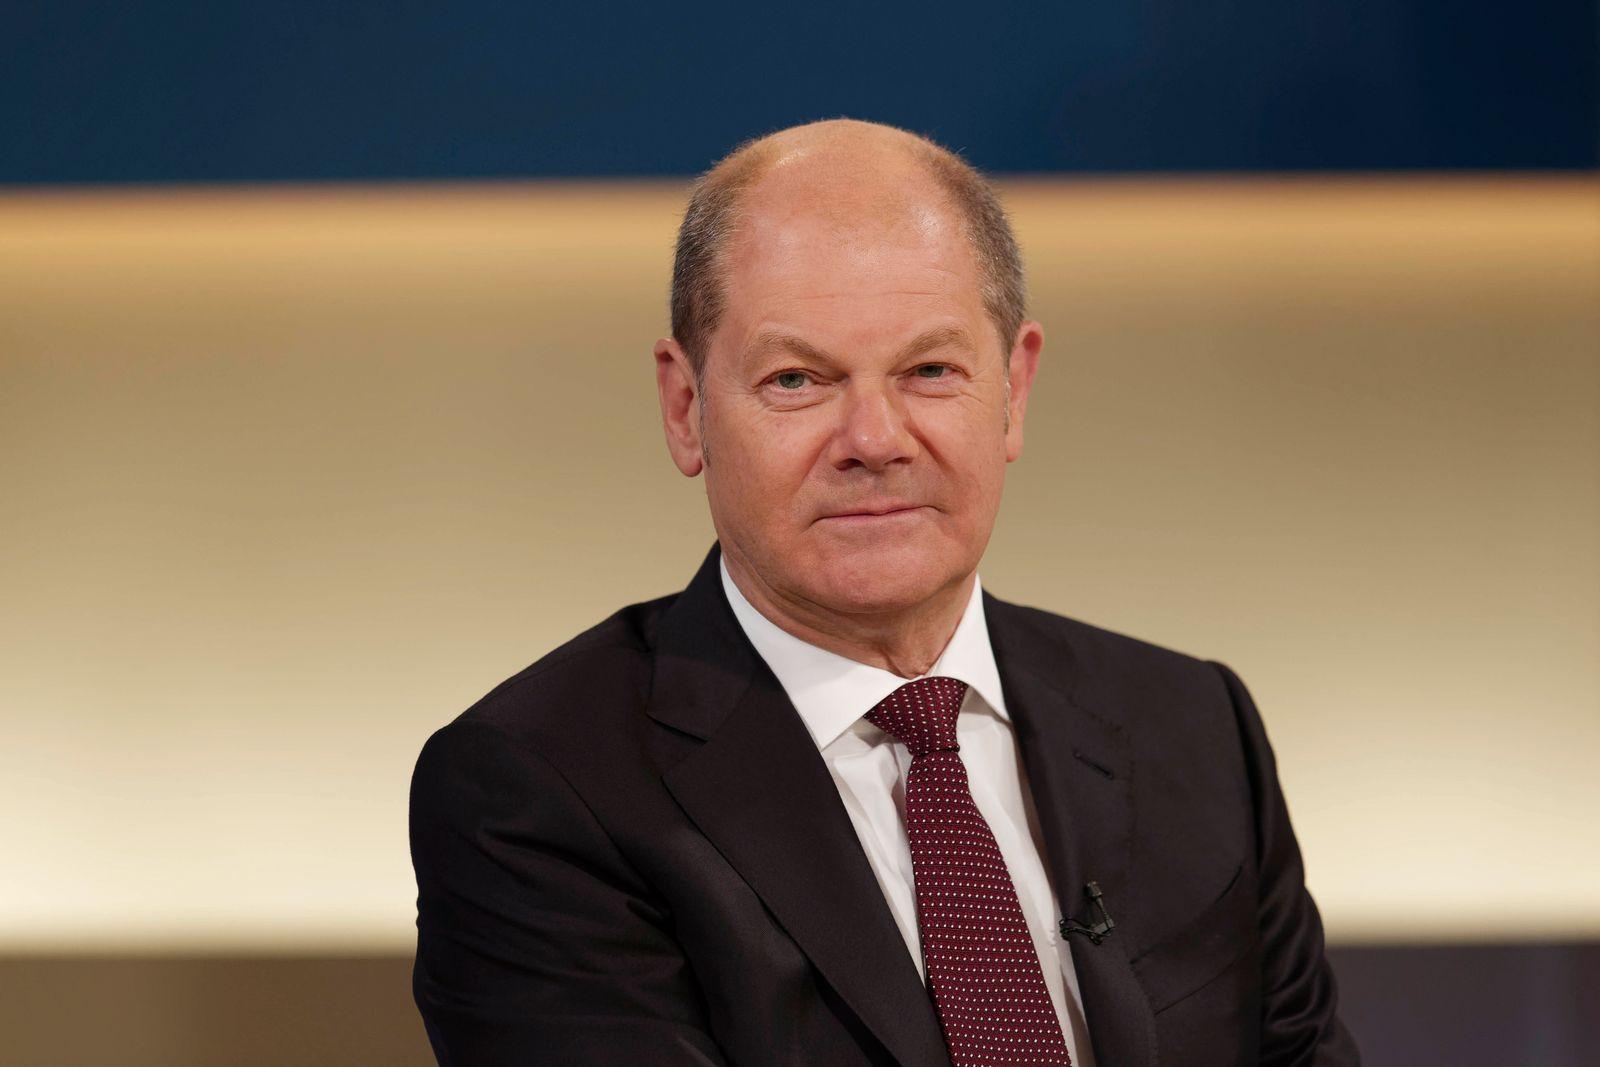 Olaf Scholz 2020-05-03, Berlin, Deutschland - Olaf Scholz (SPD), Bundesfinanzminister, zu Gast bei Anne Will. Thema der